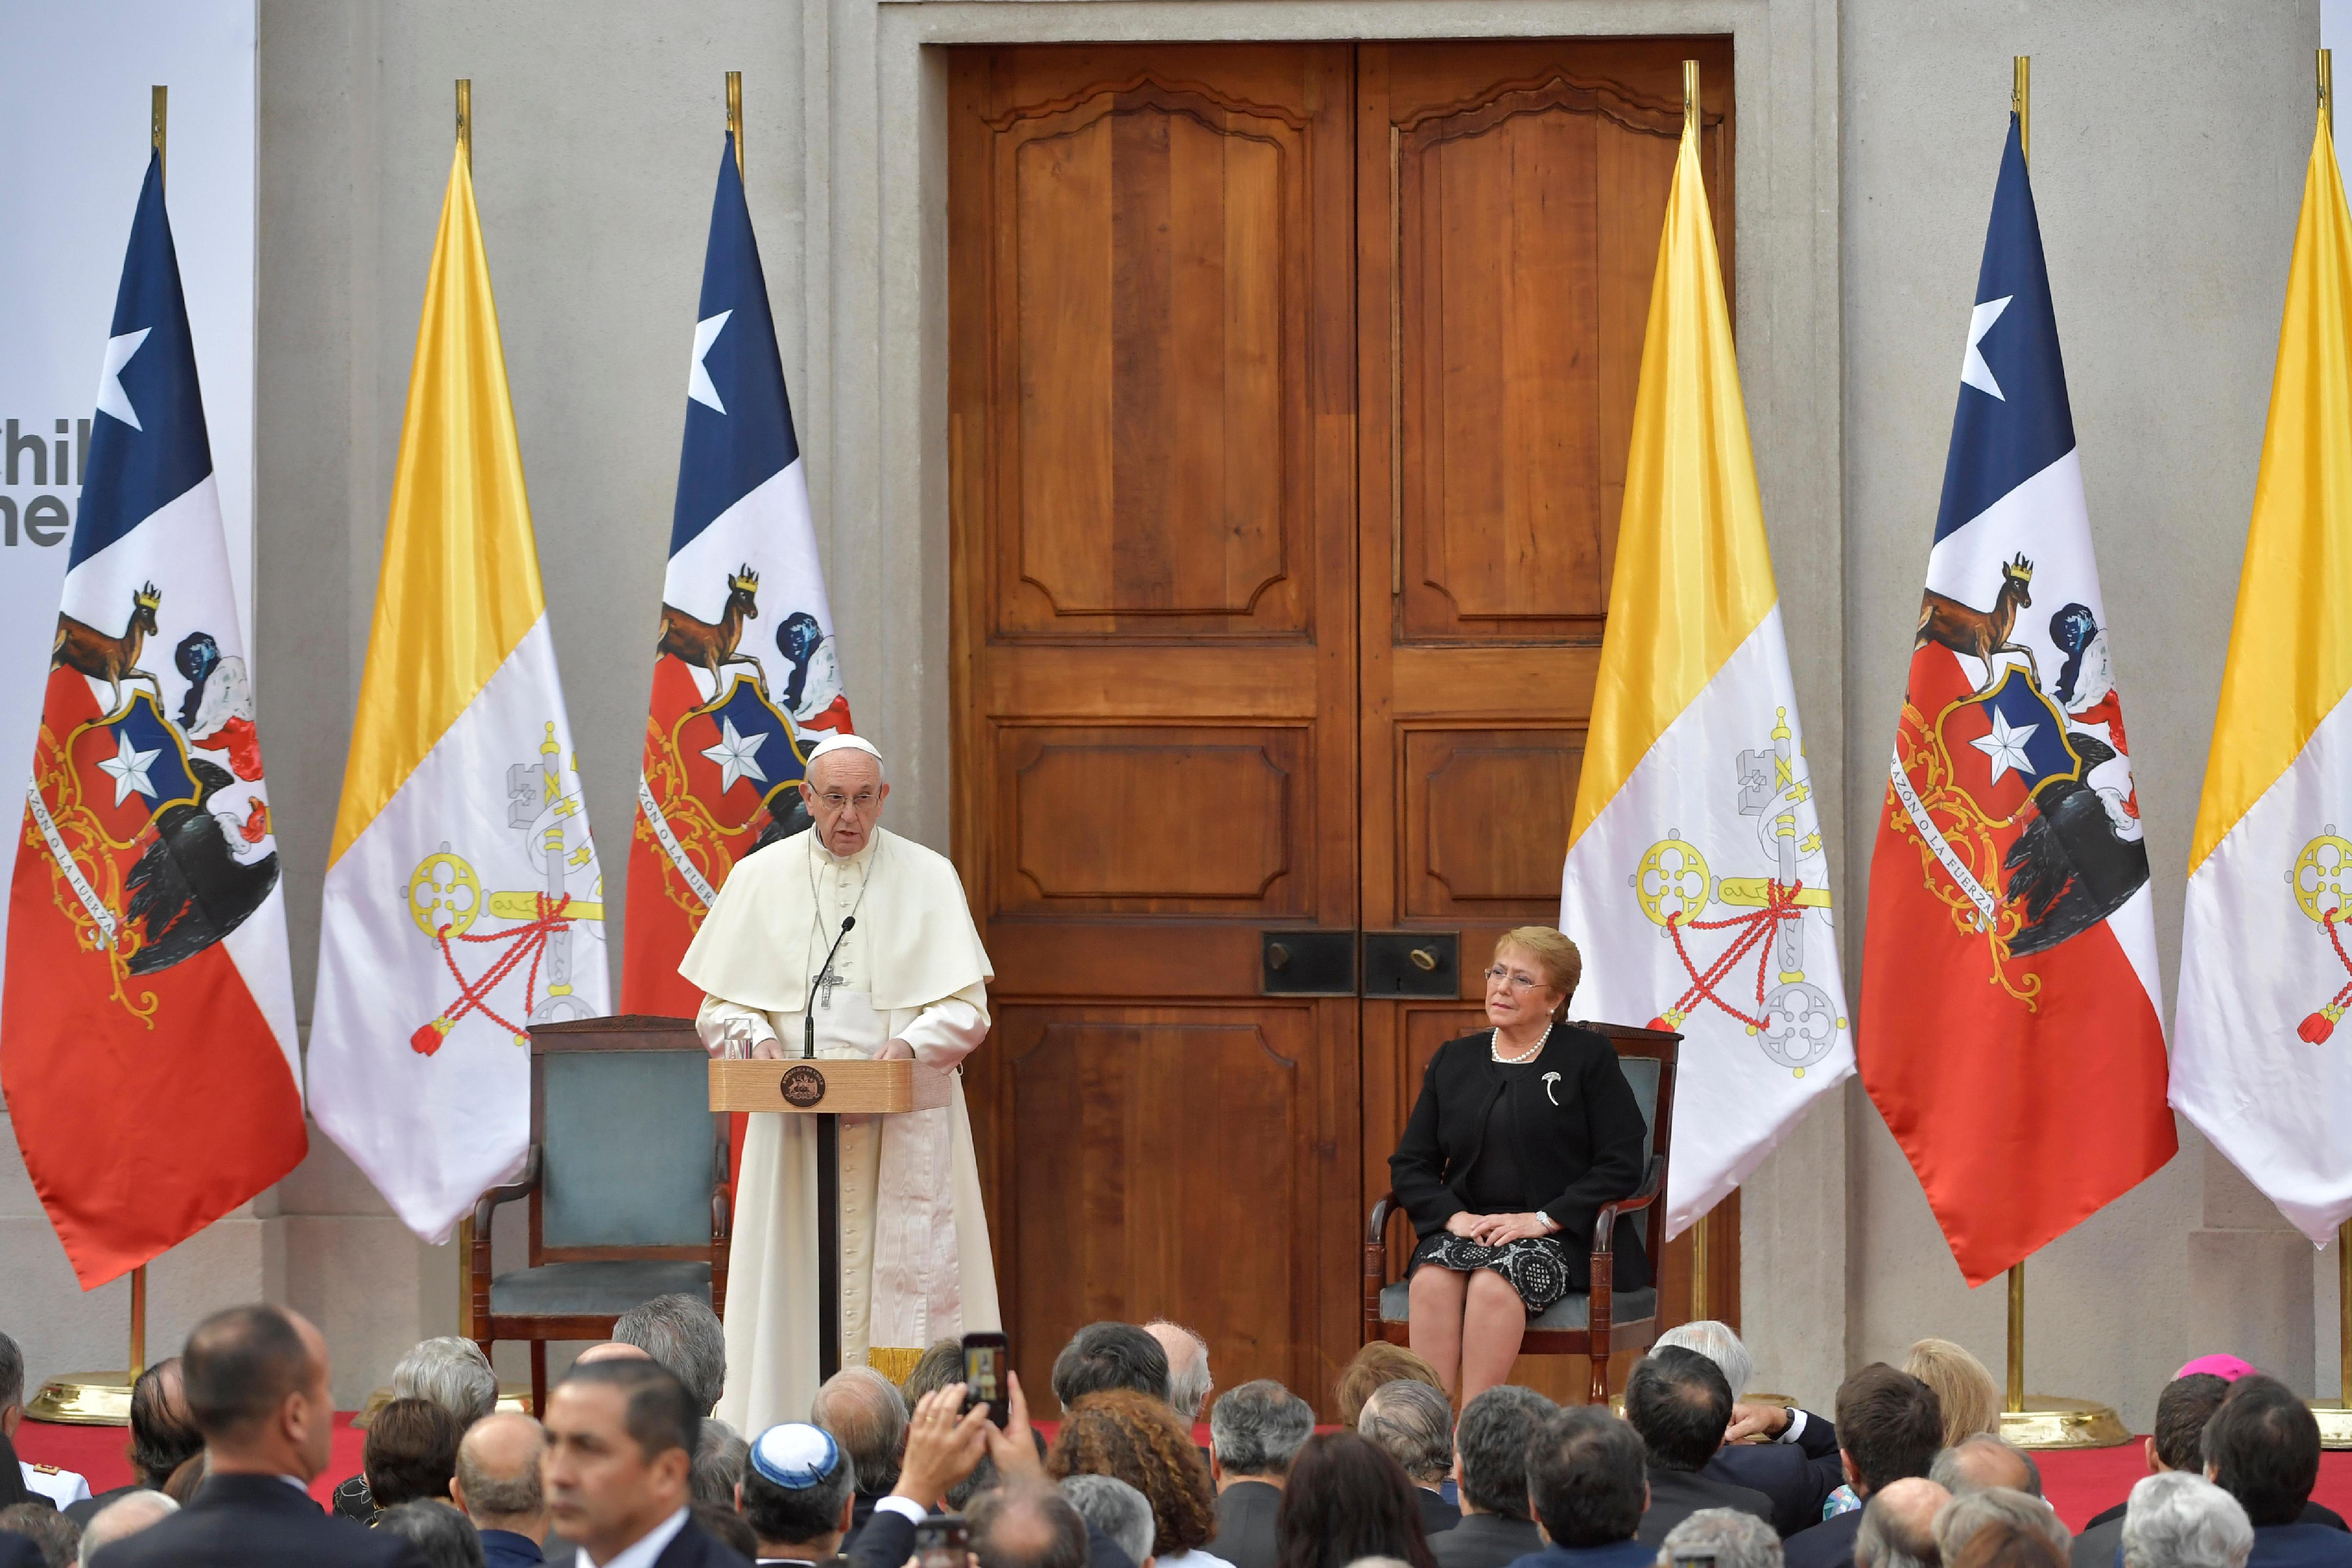 Discurso del Papa Francisco al gobierno, autoridades y cuerpo diplomático de Chile © L'Osservatore Romano